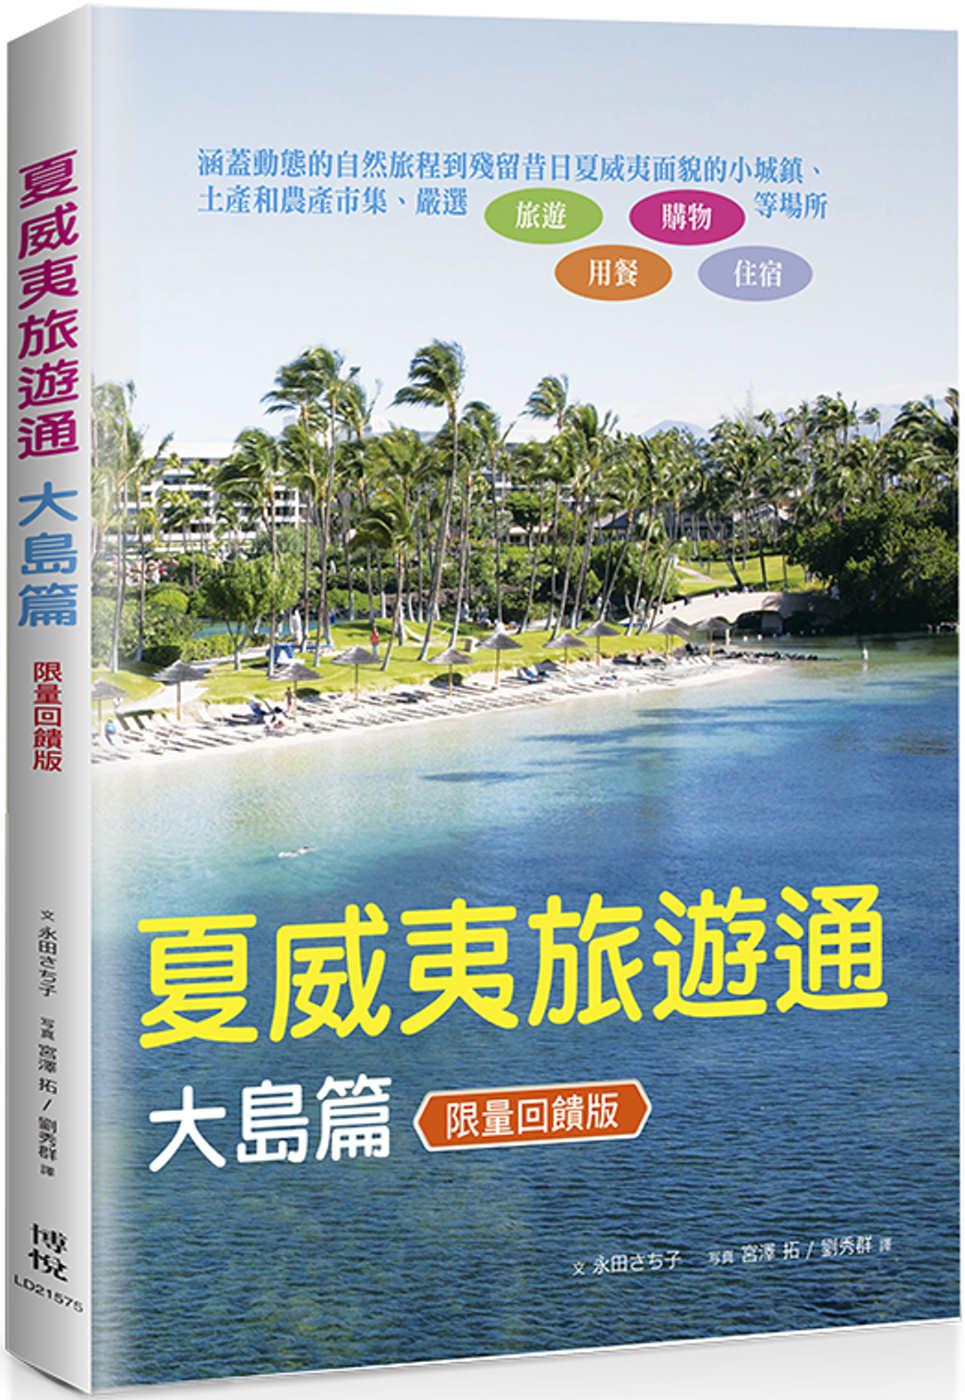 夏威夷旅遊通:大島篇<限量回饋...